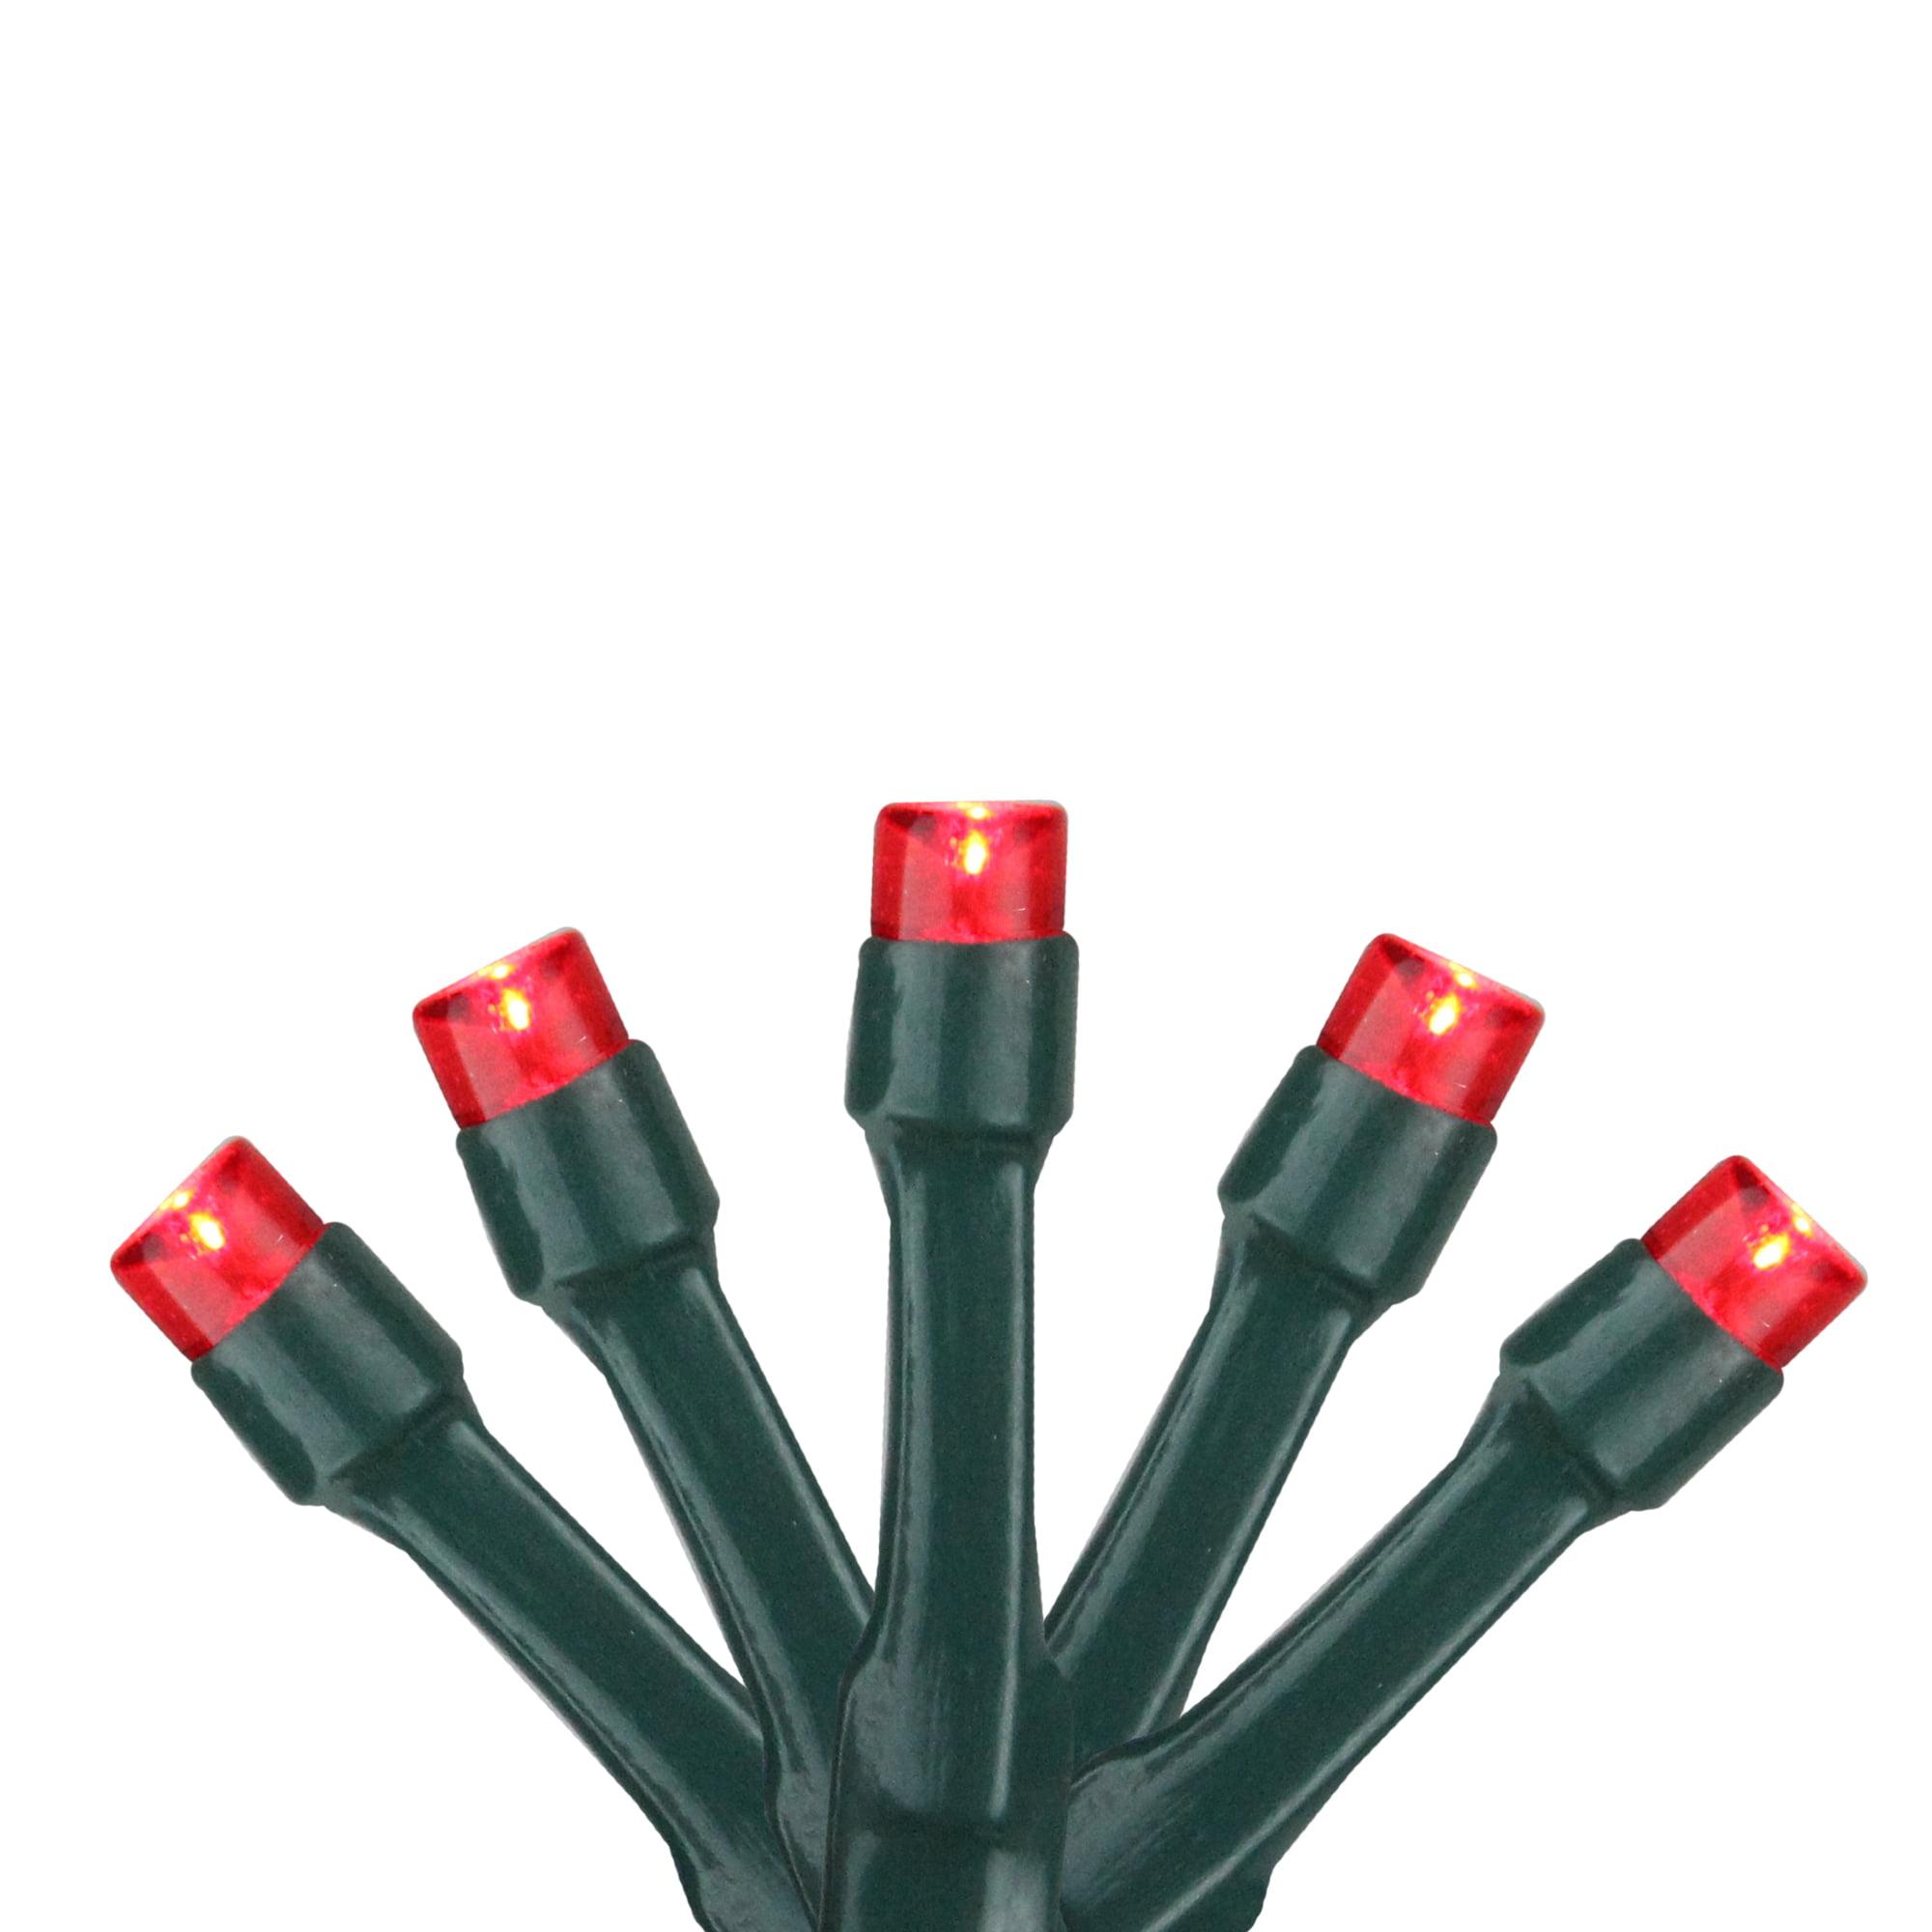 Ensemble de 20 LED rouge à pile grand angle lumières de Noël - Fil vert - image 1 de 1